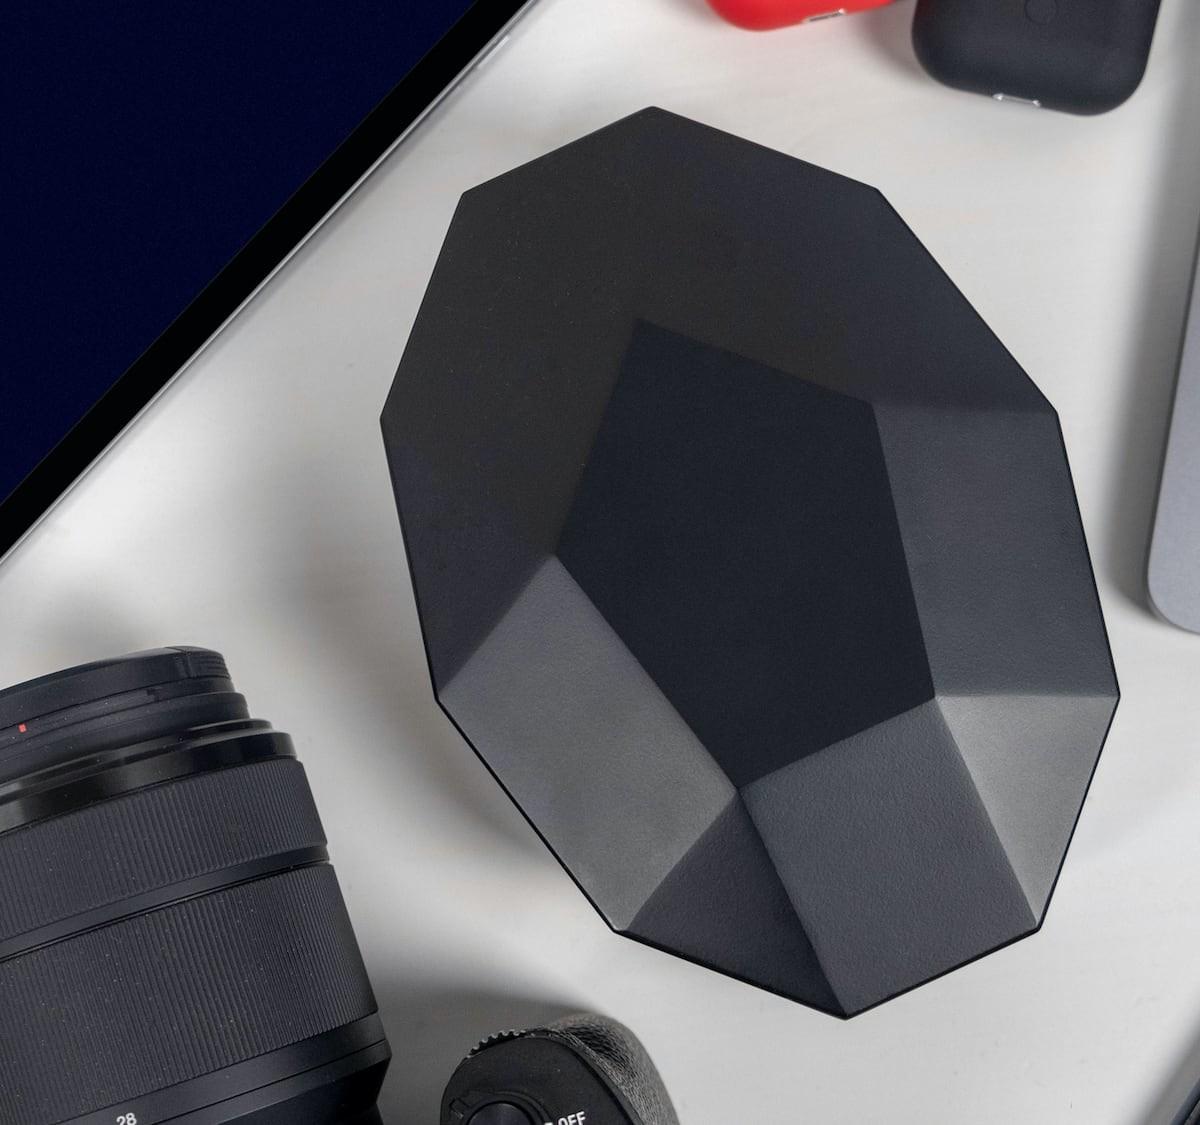 Edge Universal Power Adapter offers a reinterpreted Italian design